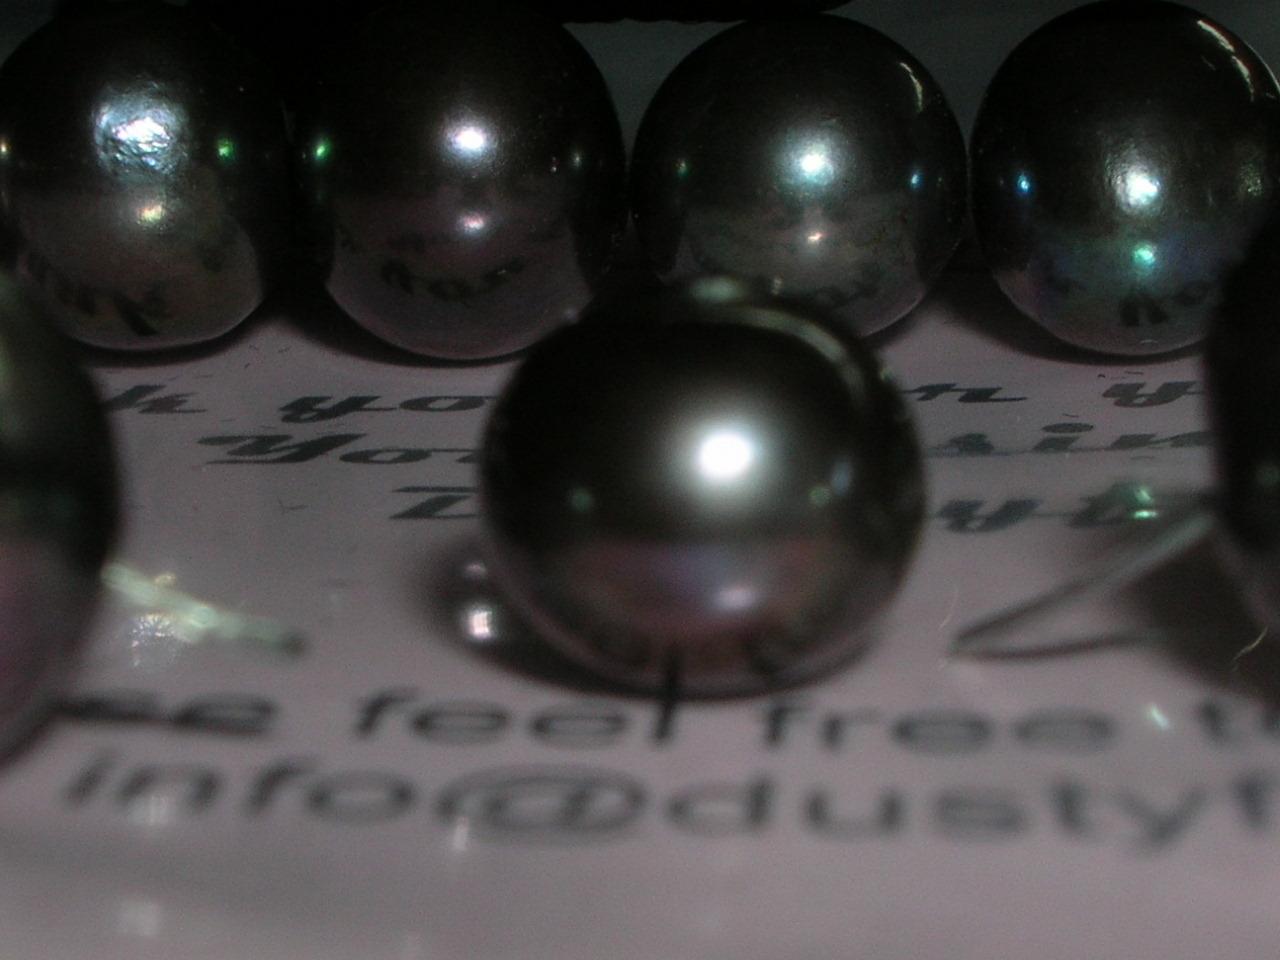 Perlas negras como ejemplo de un bien escaso. Foto de FotoBlog Rare, tomada de la URL: https://flic.kr/p/tLL9Z. Licencia CC BY